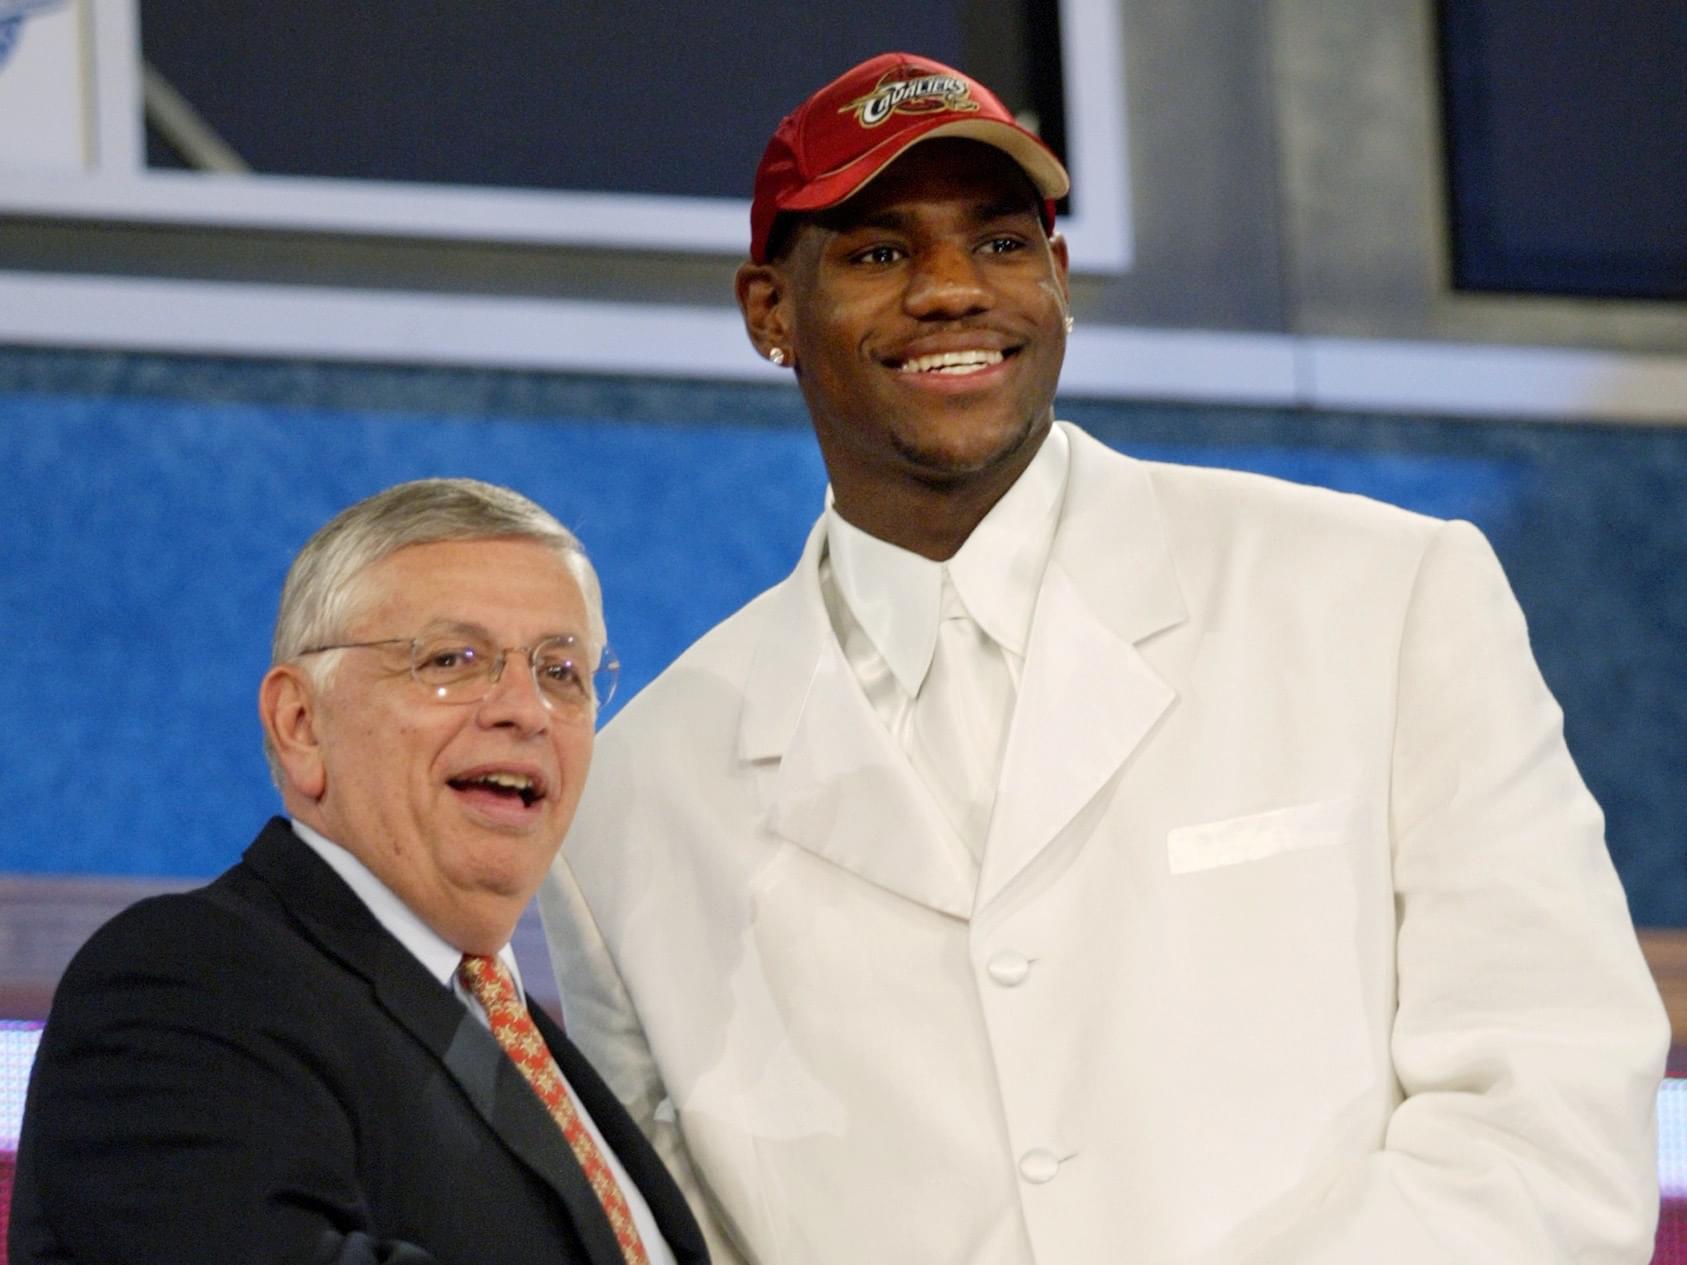 詹皇:生涯最巔峰是選秀那夜 成NBA門面沒球技不行